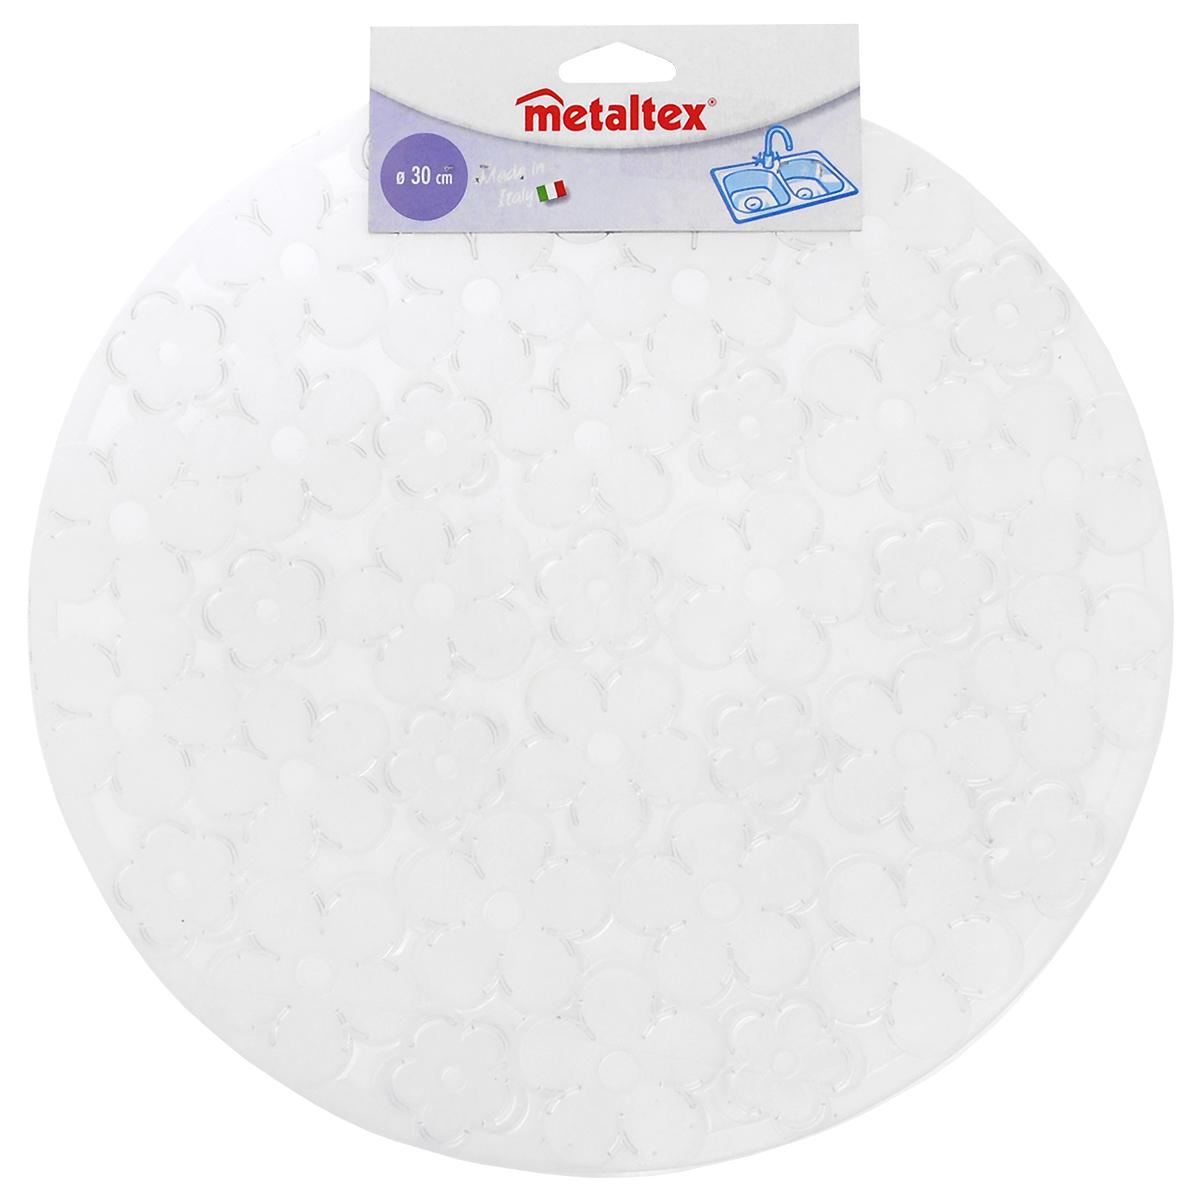 Коврик для раковины Metaltex, цвет: прозрачный, диаметр 30 см28.75.37 прозрачныйСтильный и удобный коврик для раковины Metaltex выполнен из ПВХ. Он одновременно выполняет несколько функций: украшает, предотвращает появление на раковине царапин и сколов, защищает посуду от повреждений при падении в раковину, удерживает мусор, попадание которого в слив приводит к засорам. Изделие также обладает противоскользящим эффектом и может использоваться в качестве подставки для сушки чистой посуды. Легко очищается от грязи и жира.Диаметр: 30 см.